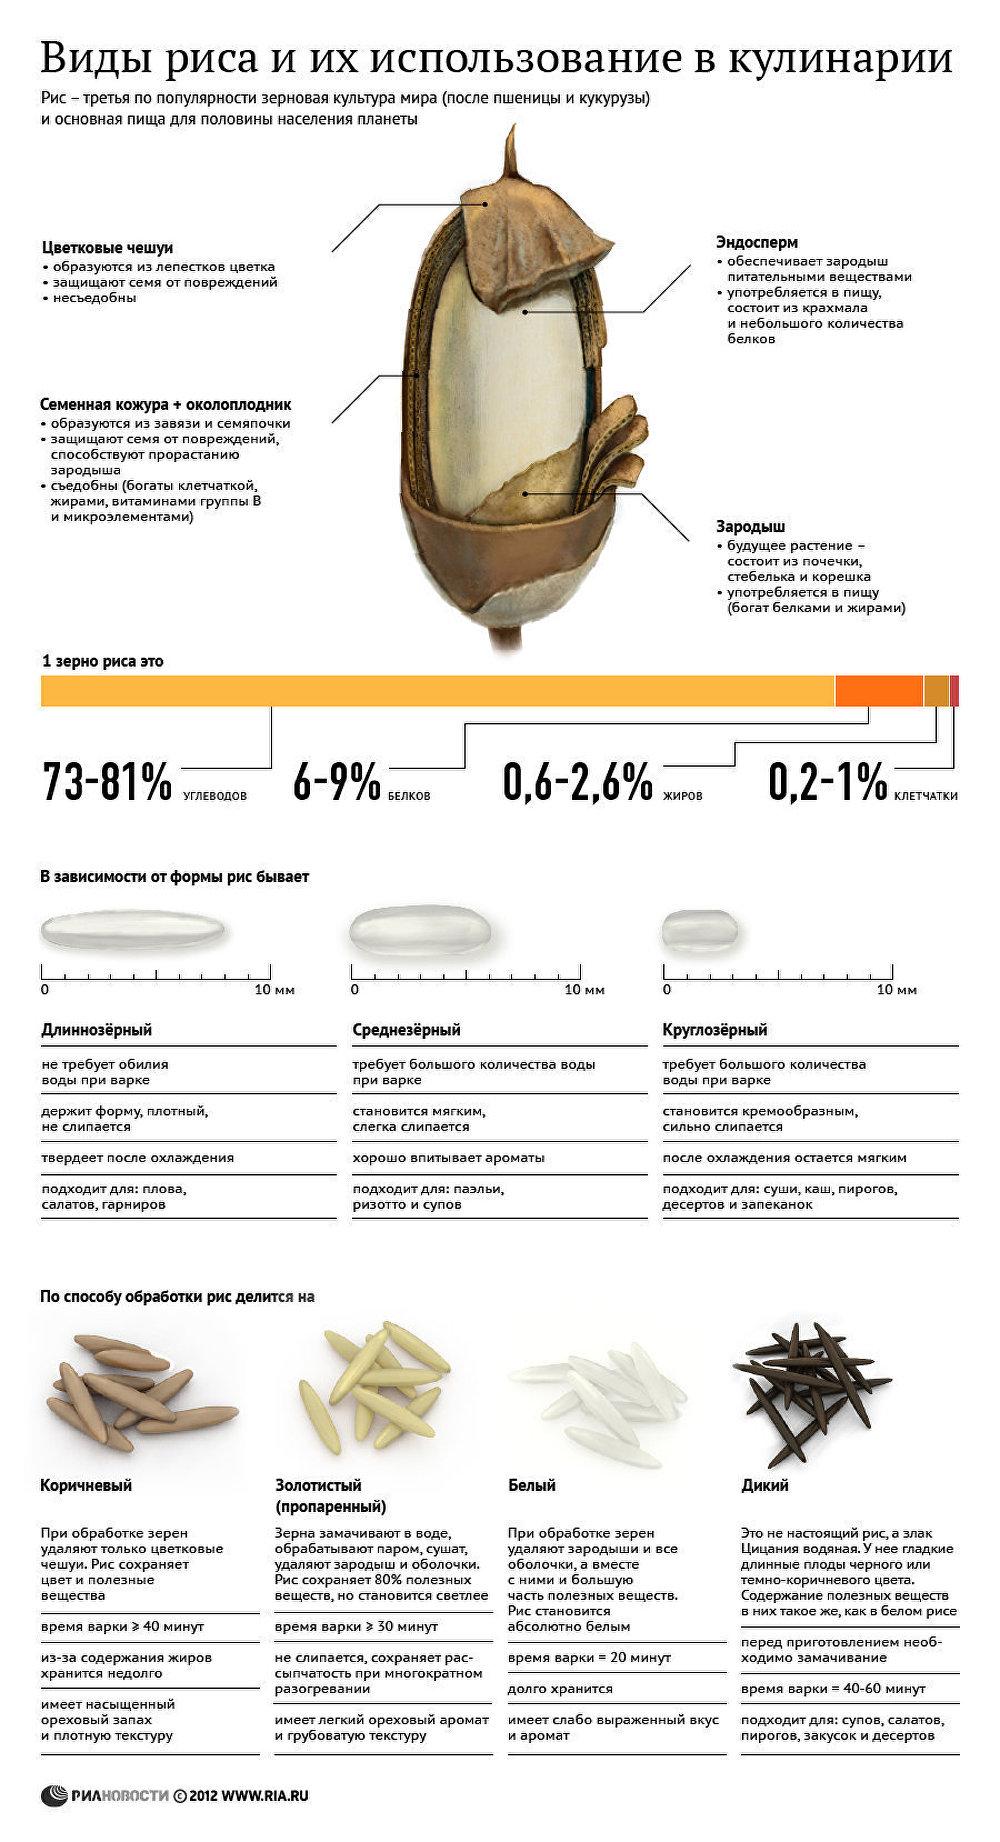 Виды риса и их использование в кулинарии